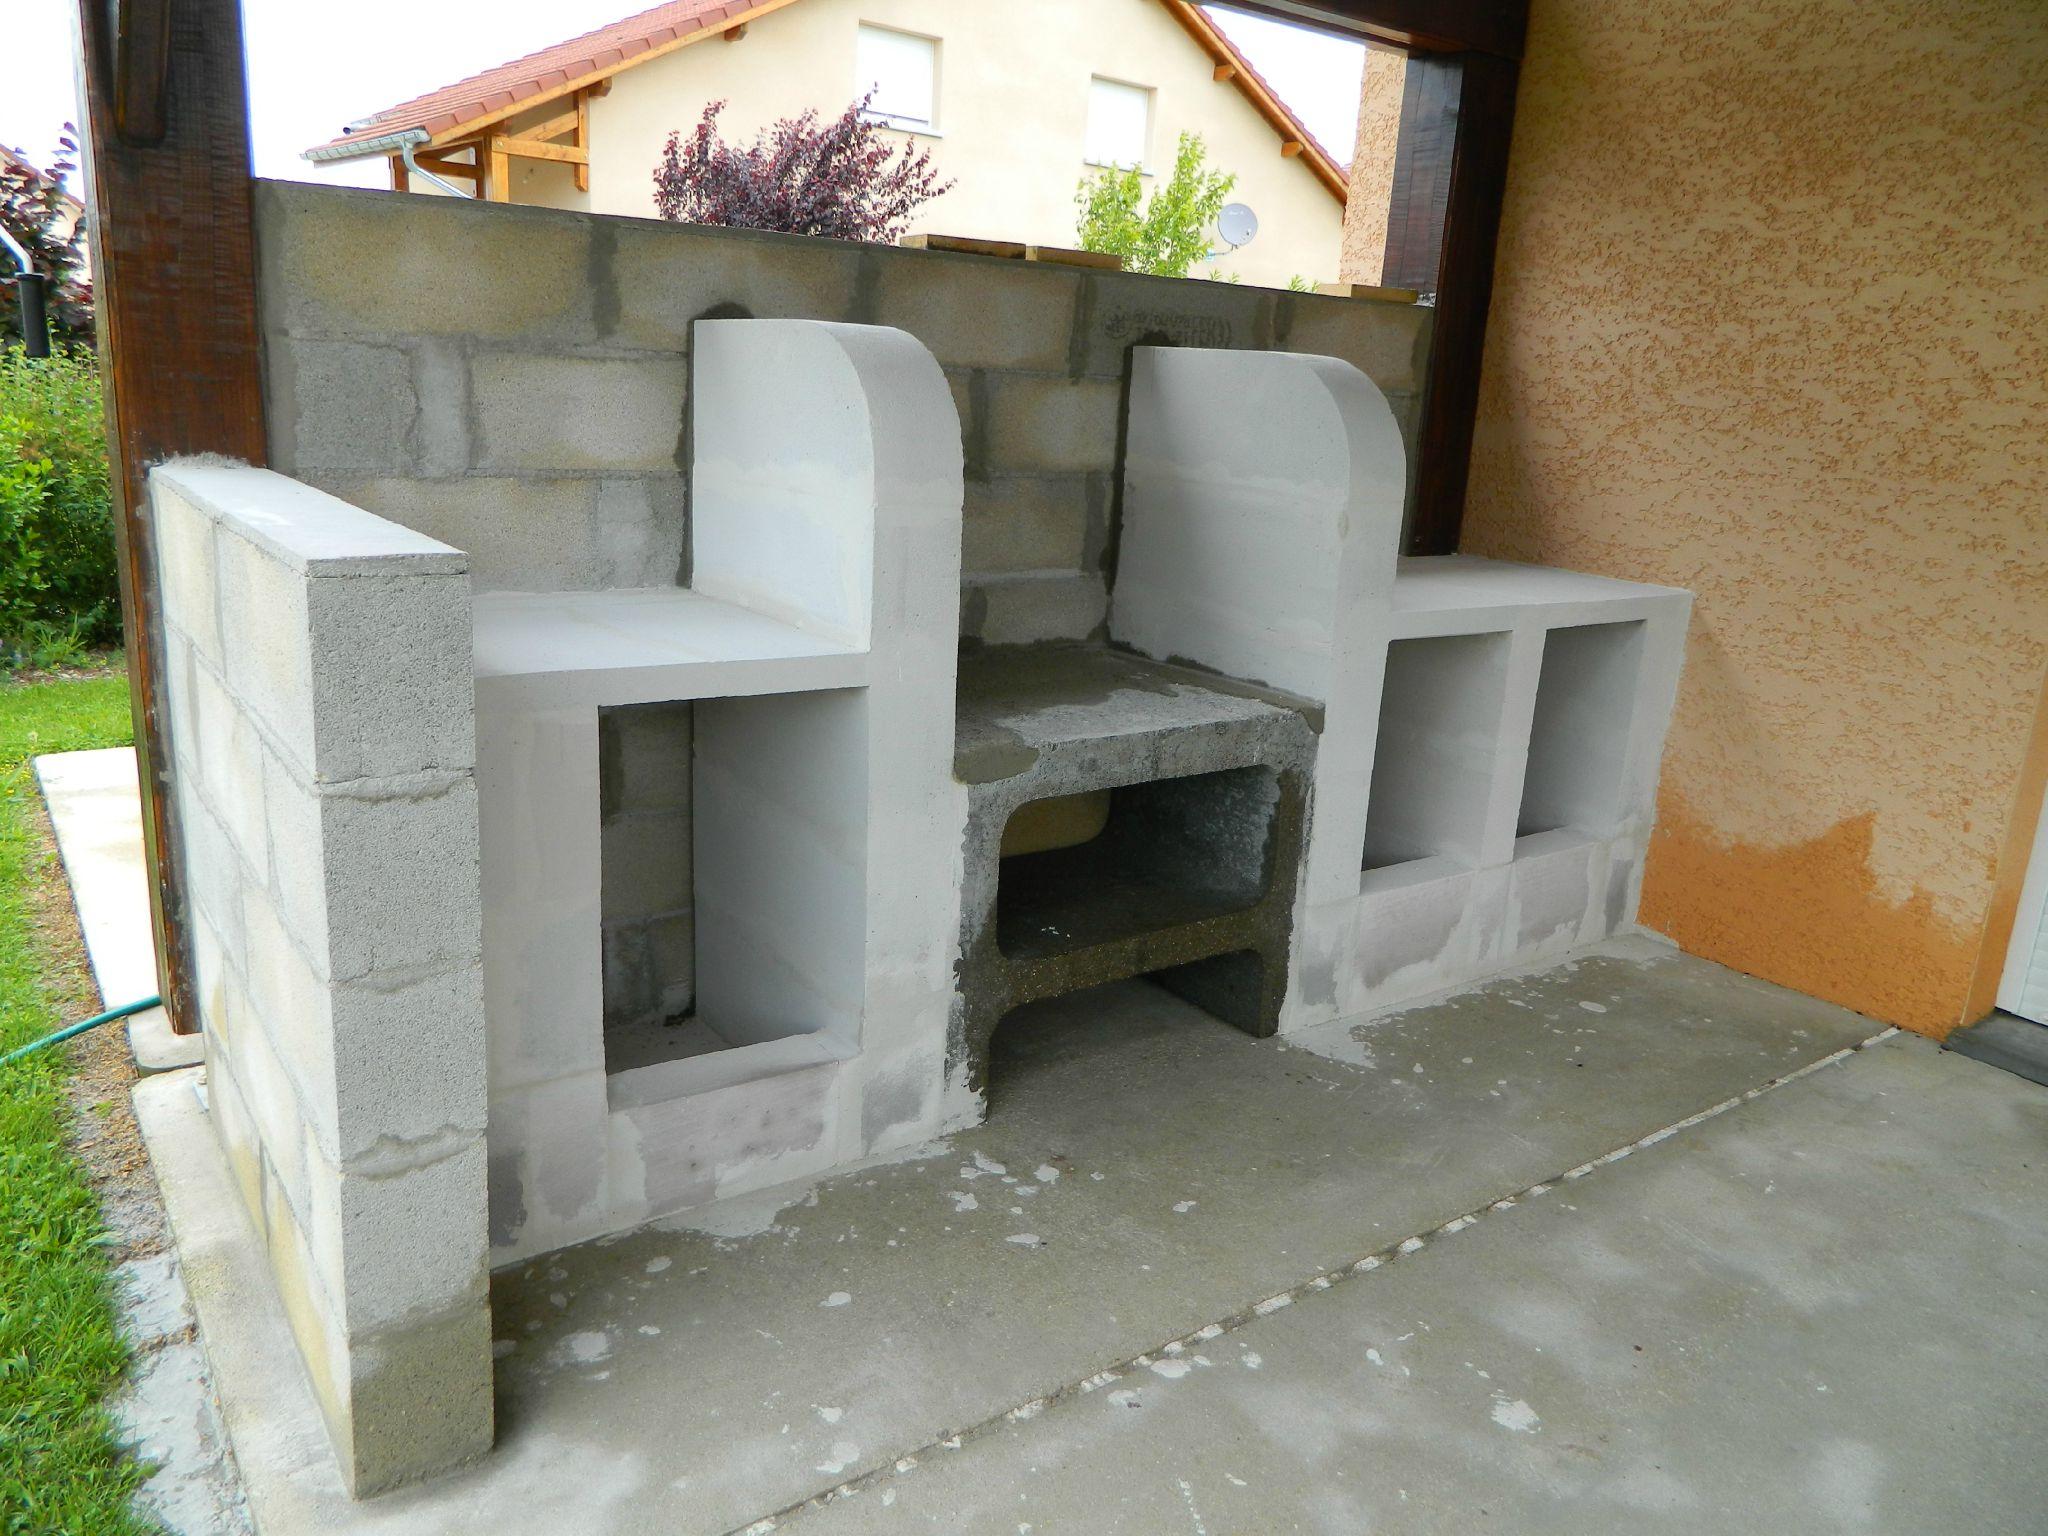 Les Compartiments En Siporex - El Matos Constructions Et ... destiné Abri De Jardin En Beton Cellulaire